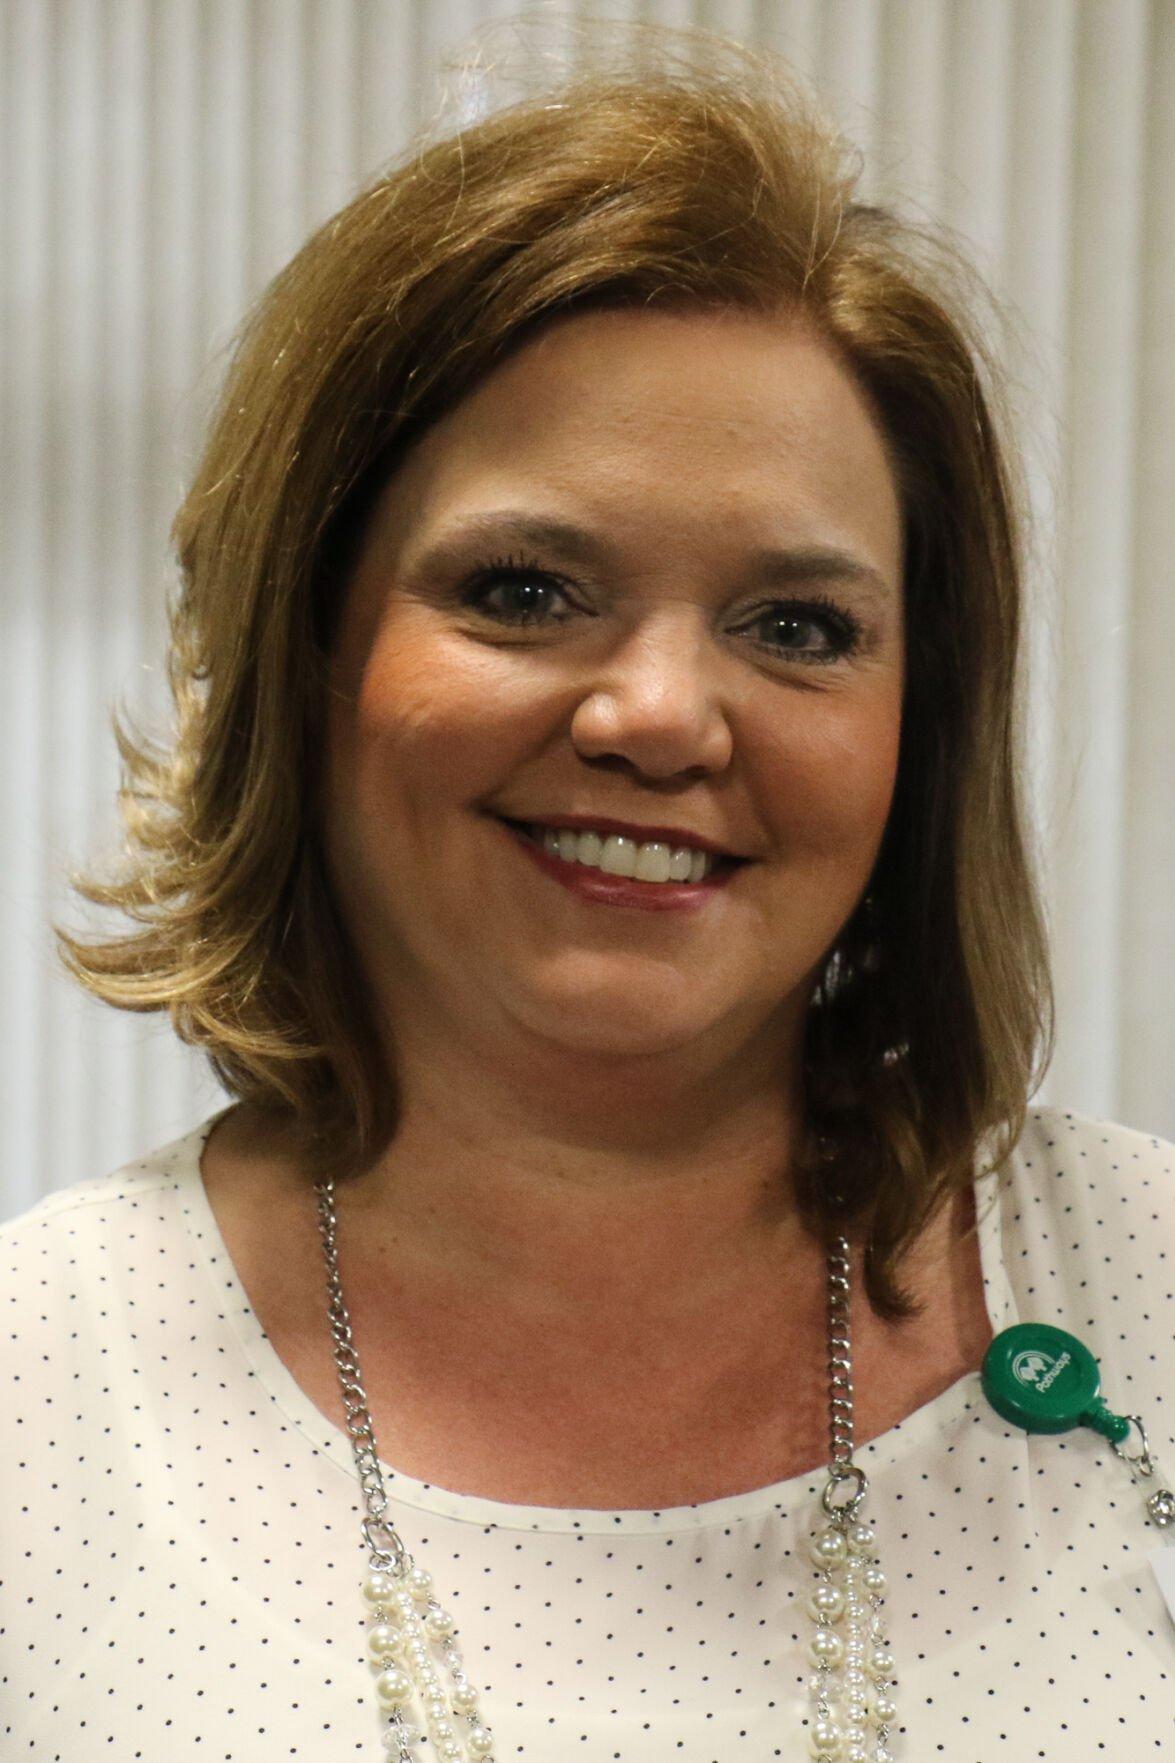 Pathways CEO Jennifer Willis